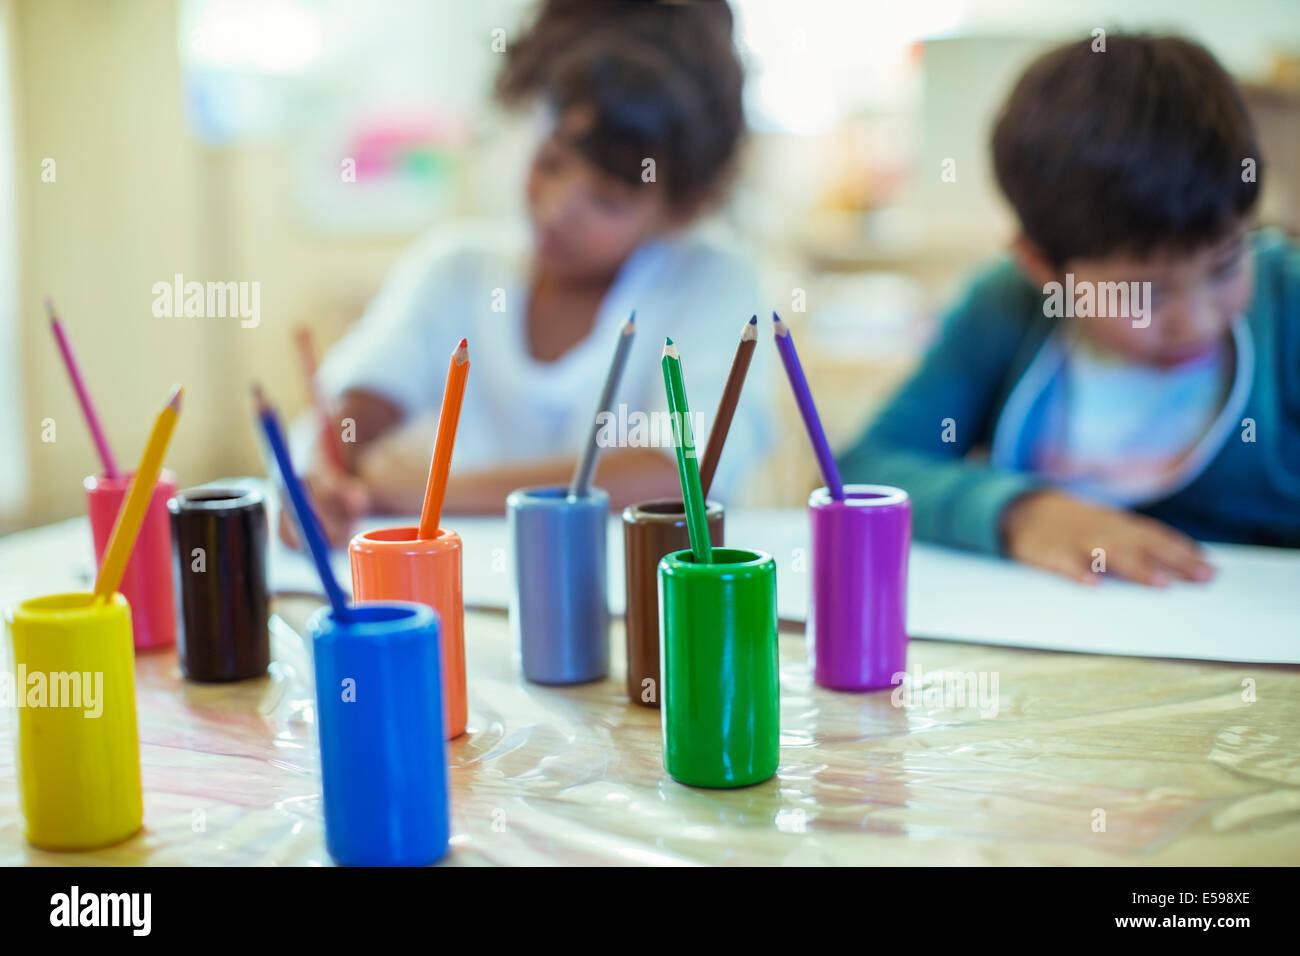 Matite colorate su scrivania in aula Immagini Stock